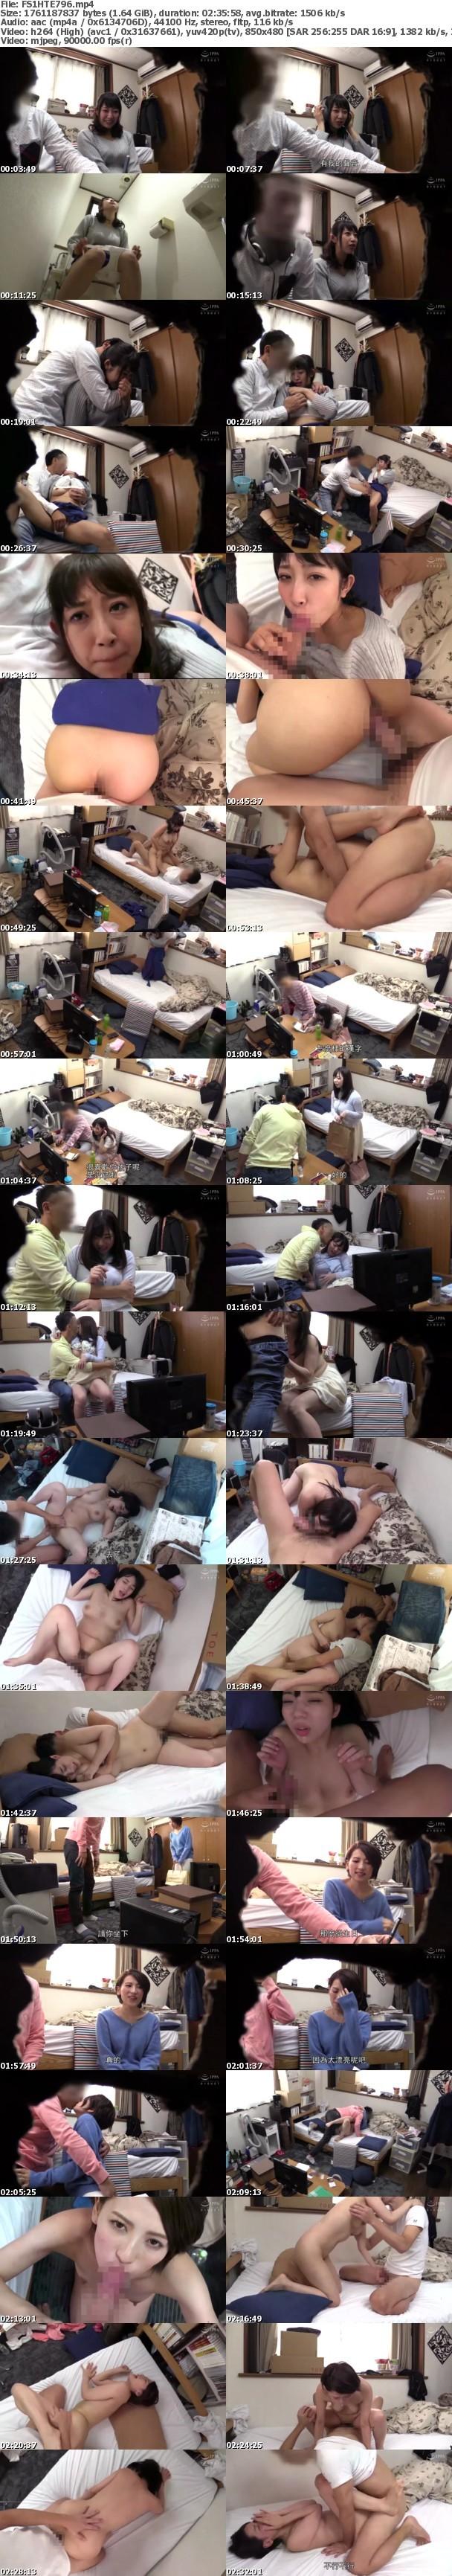 FSET-796 與來拜託你剪輯小孩影片鄰人妻在房裡獨處的話…[中文字幕]